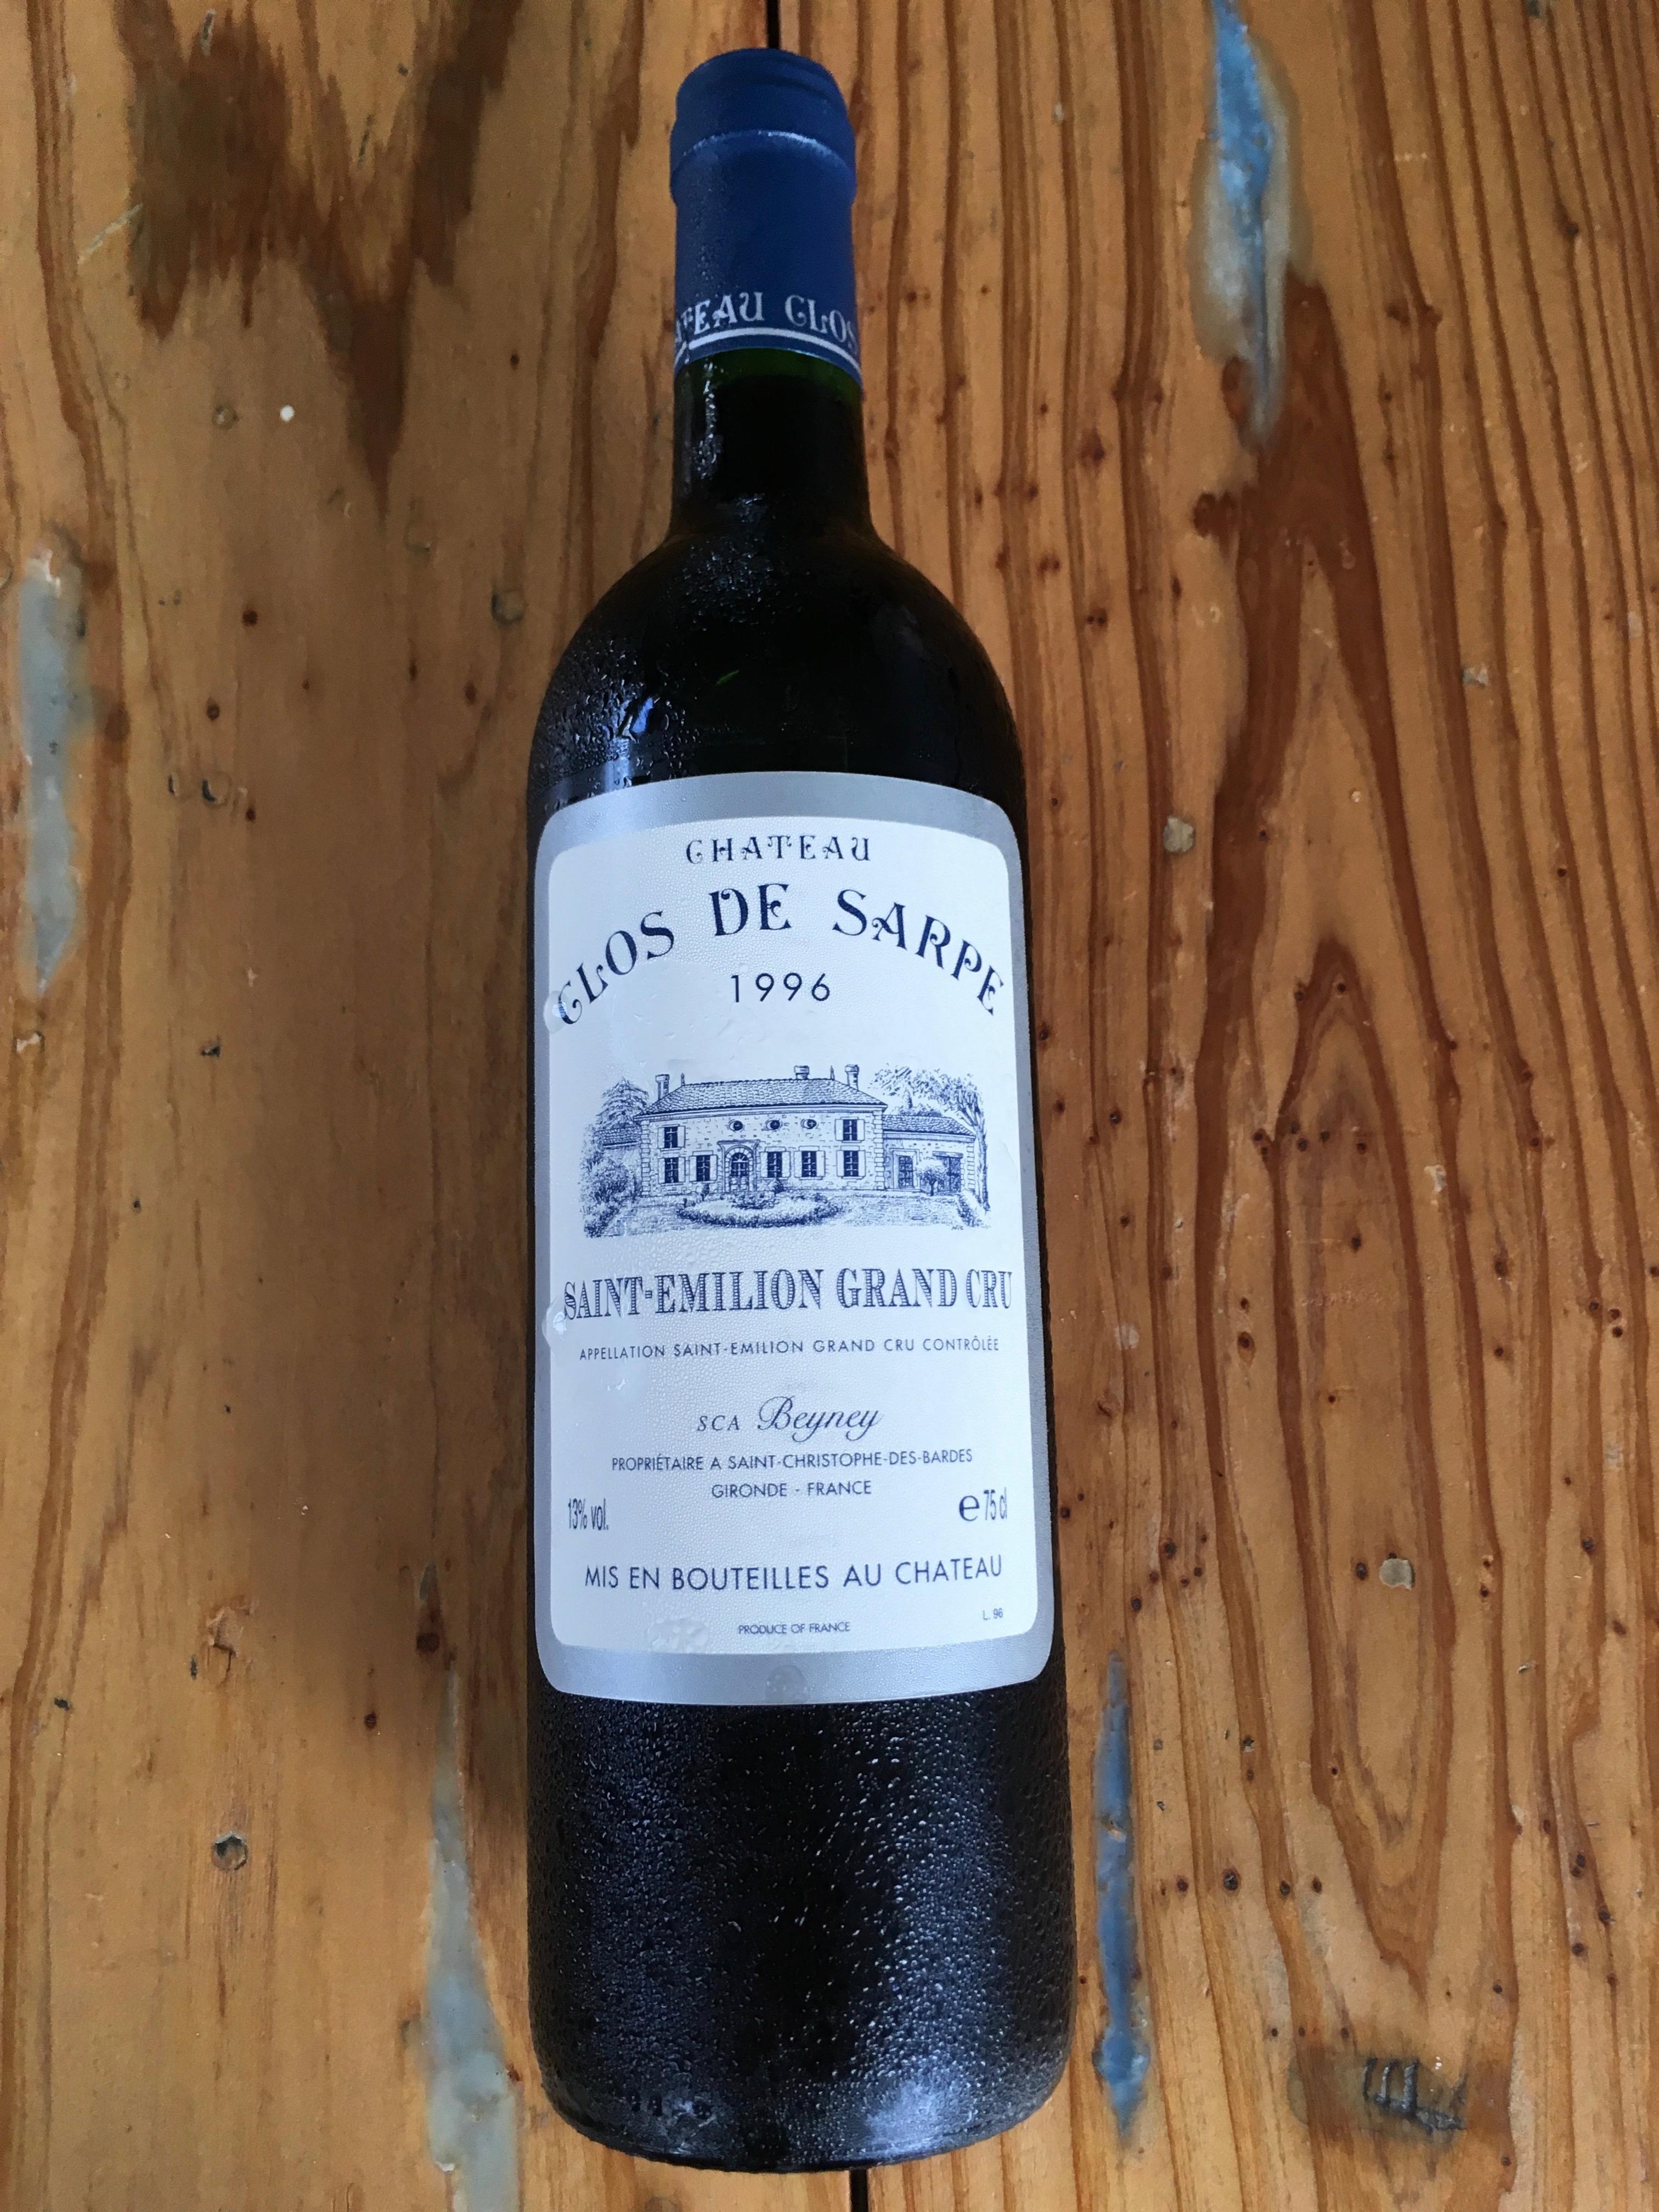 シャトー クロ・ド・サルプ 1996